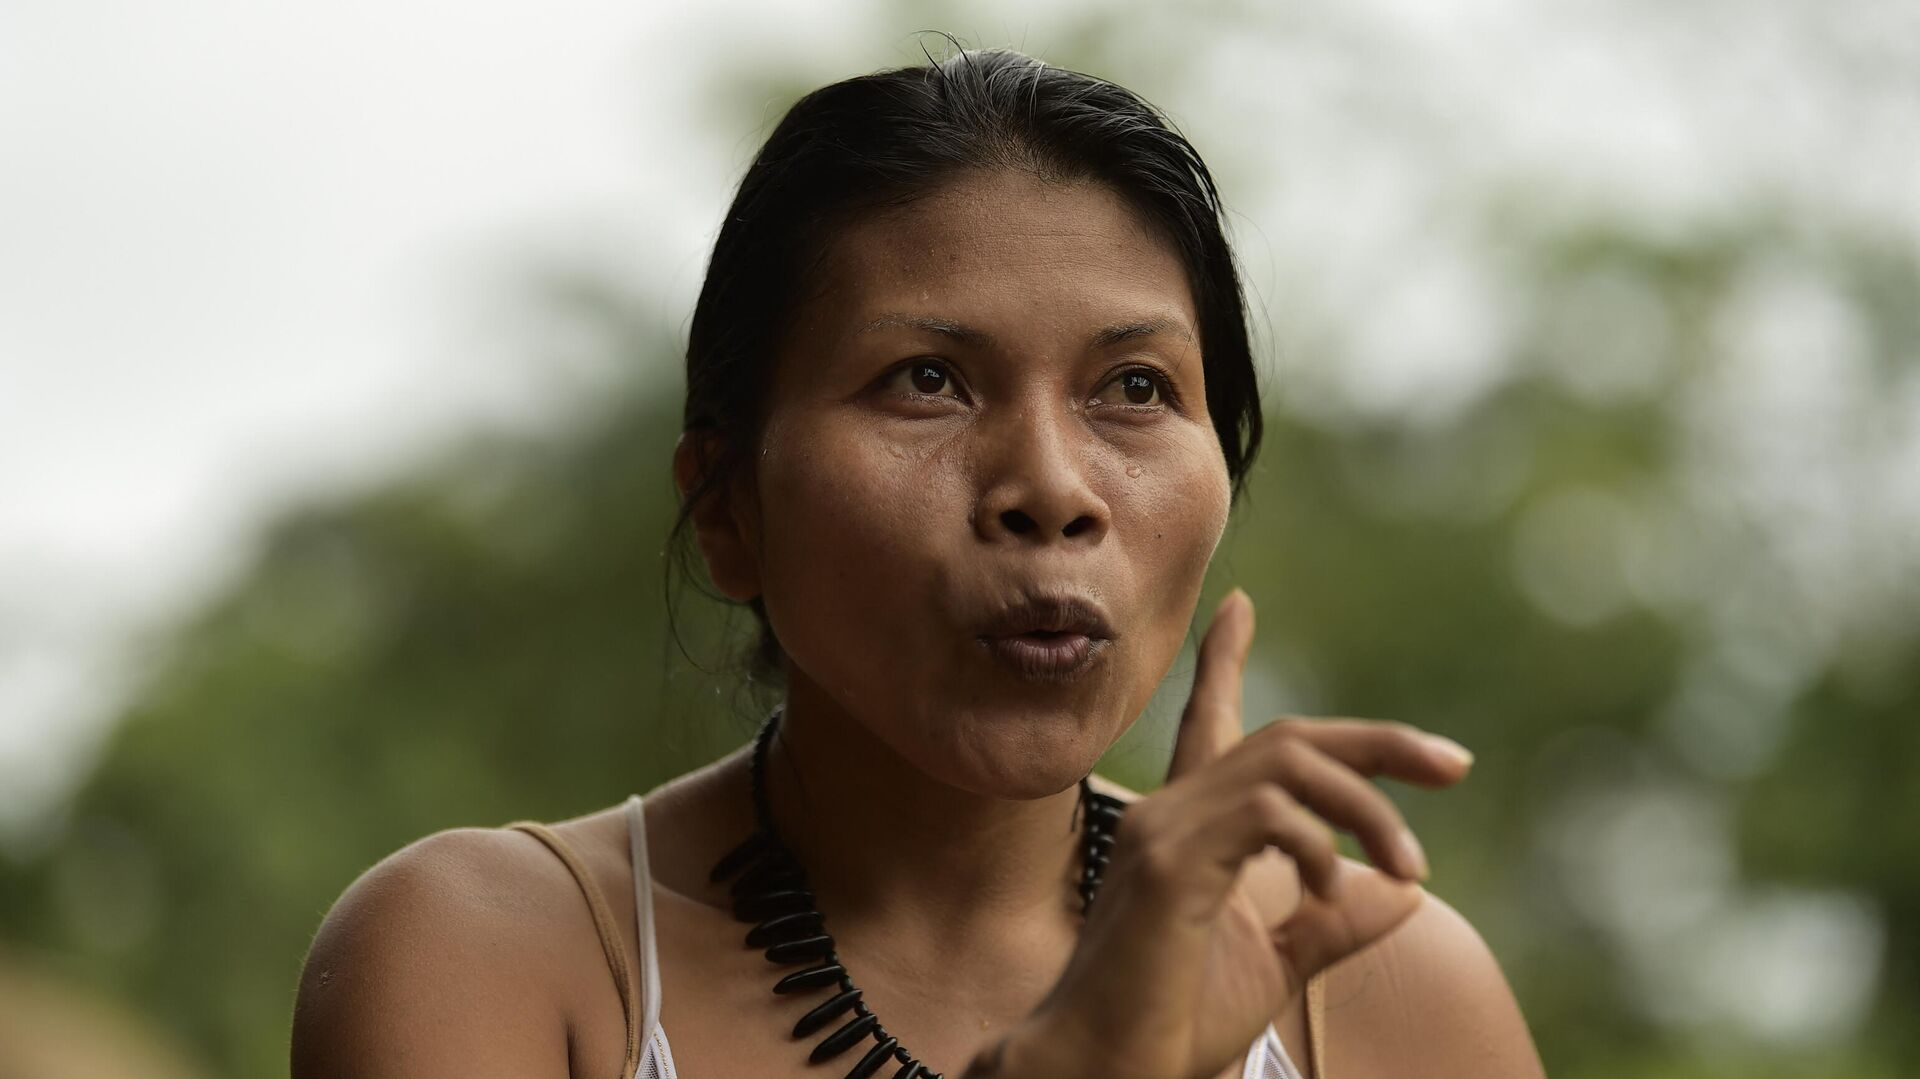 Nemonte Nenquimo, activista indígena amazónica - Sputnik Mundo, 1920, 26.06.2021